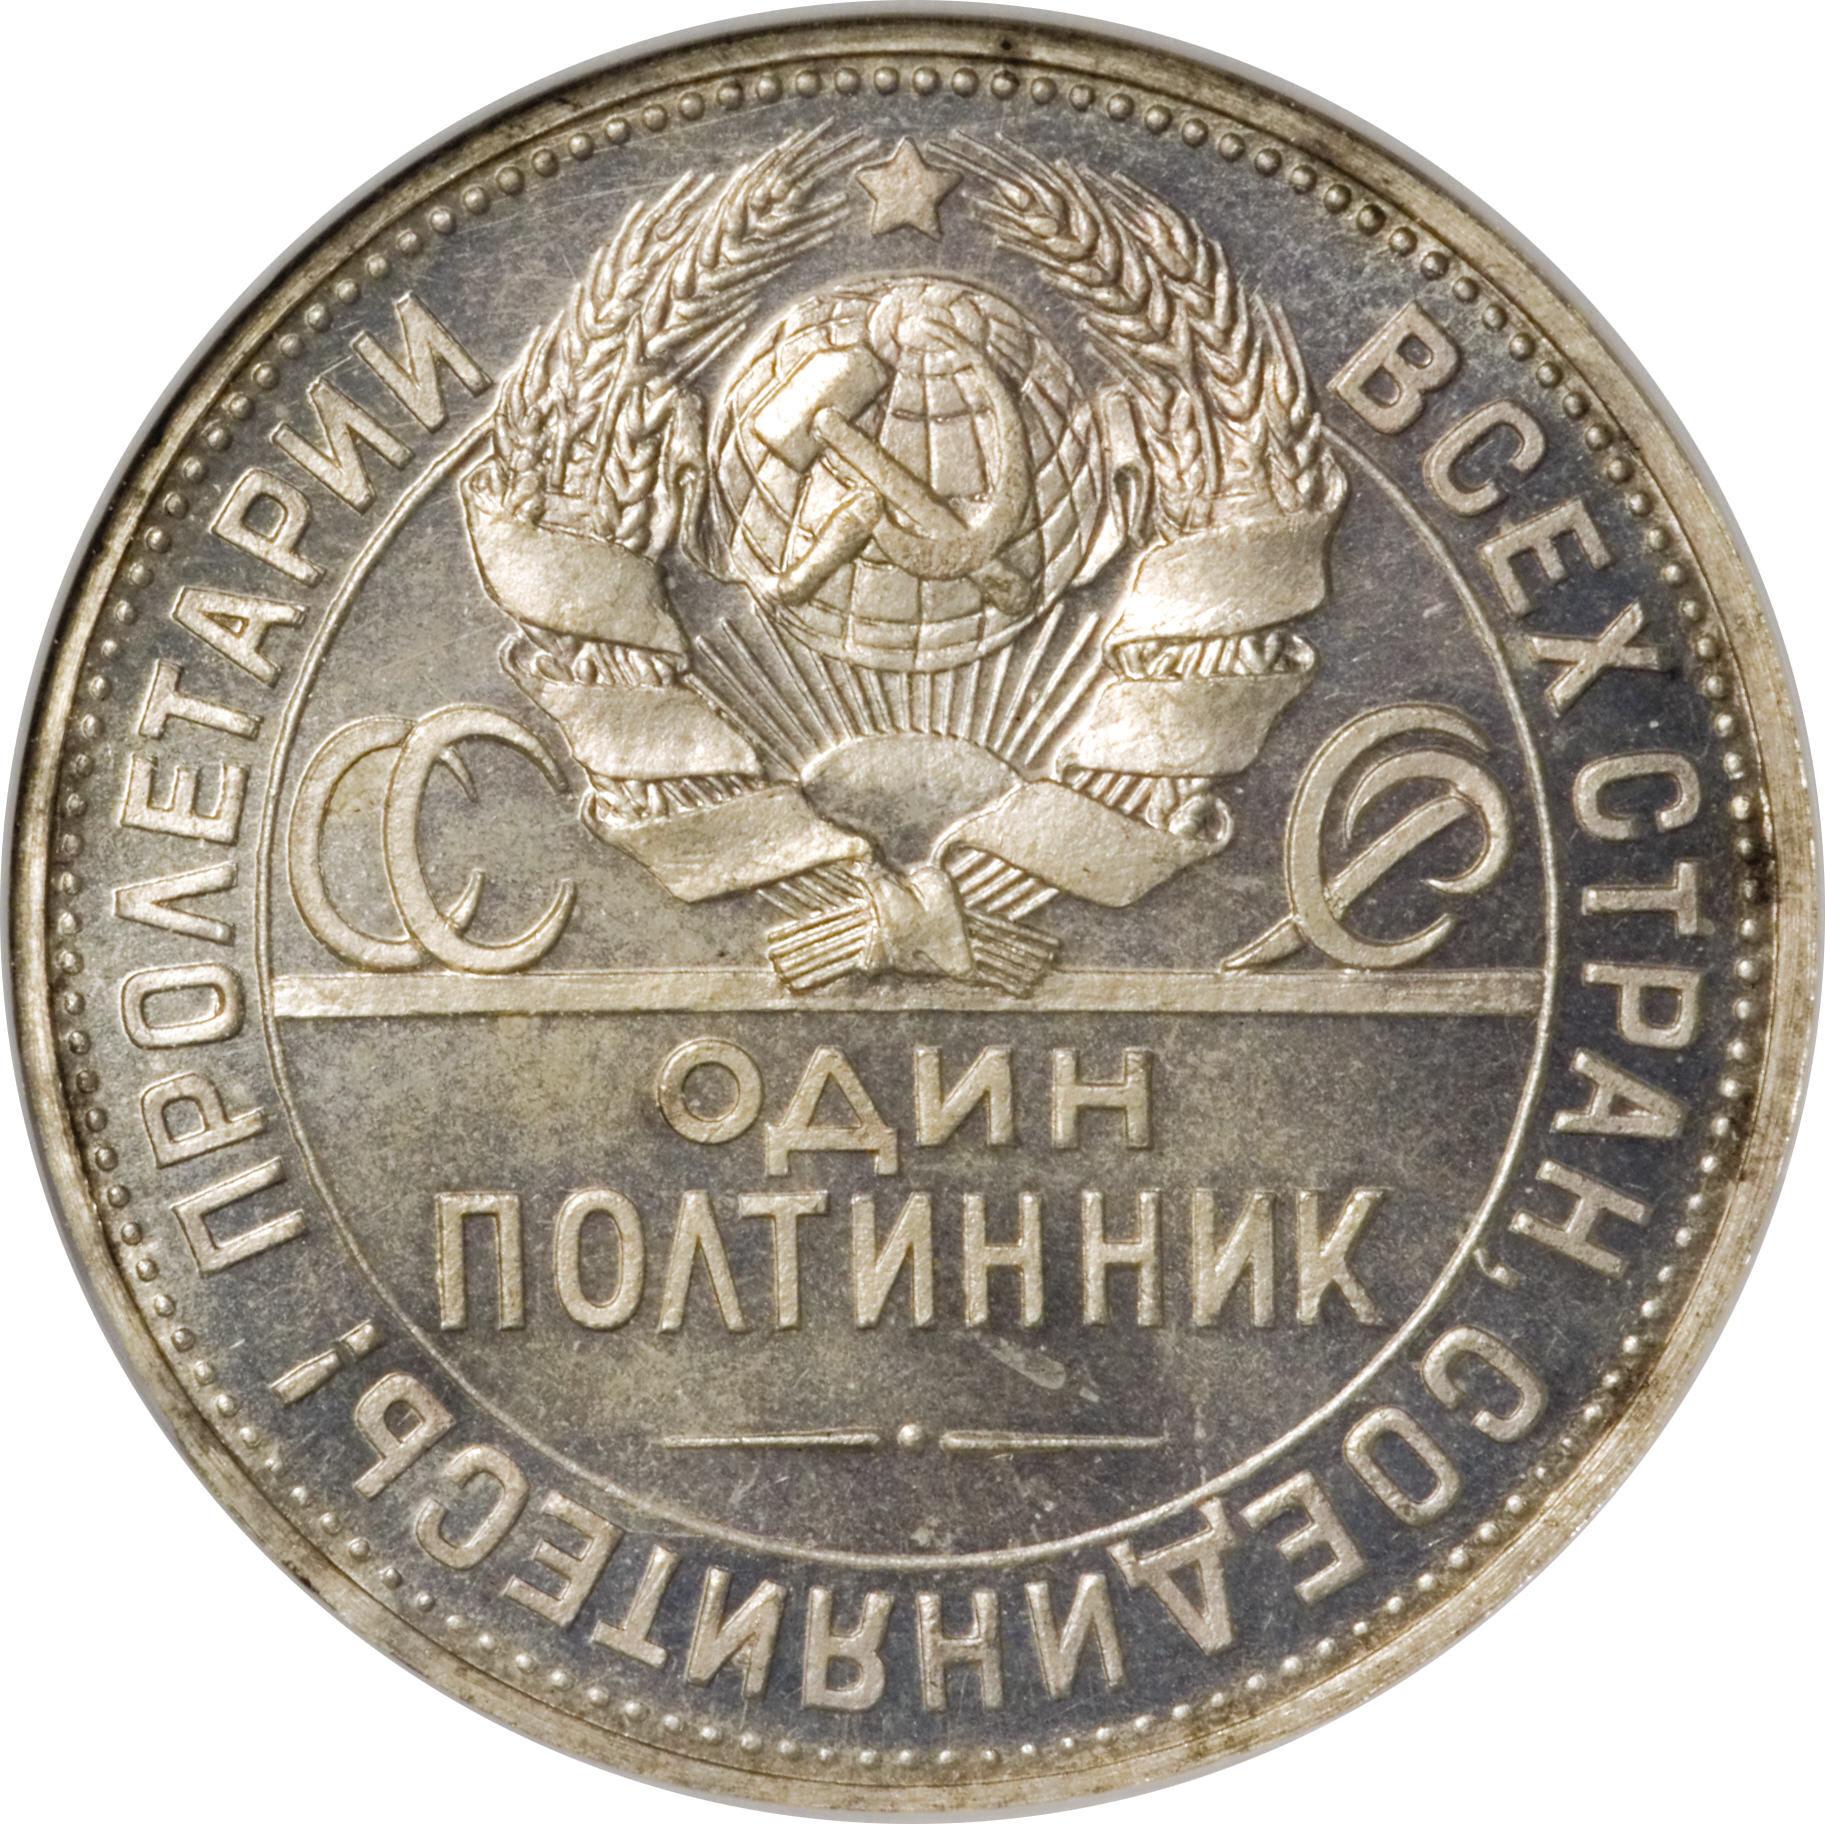 1 Poltinnik Soviet Union Ussr Numista